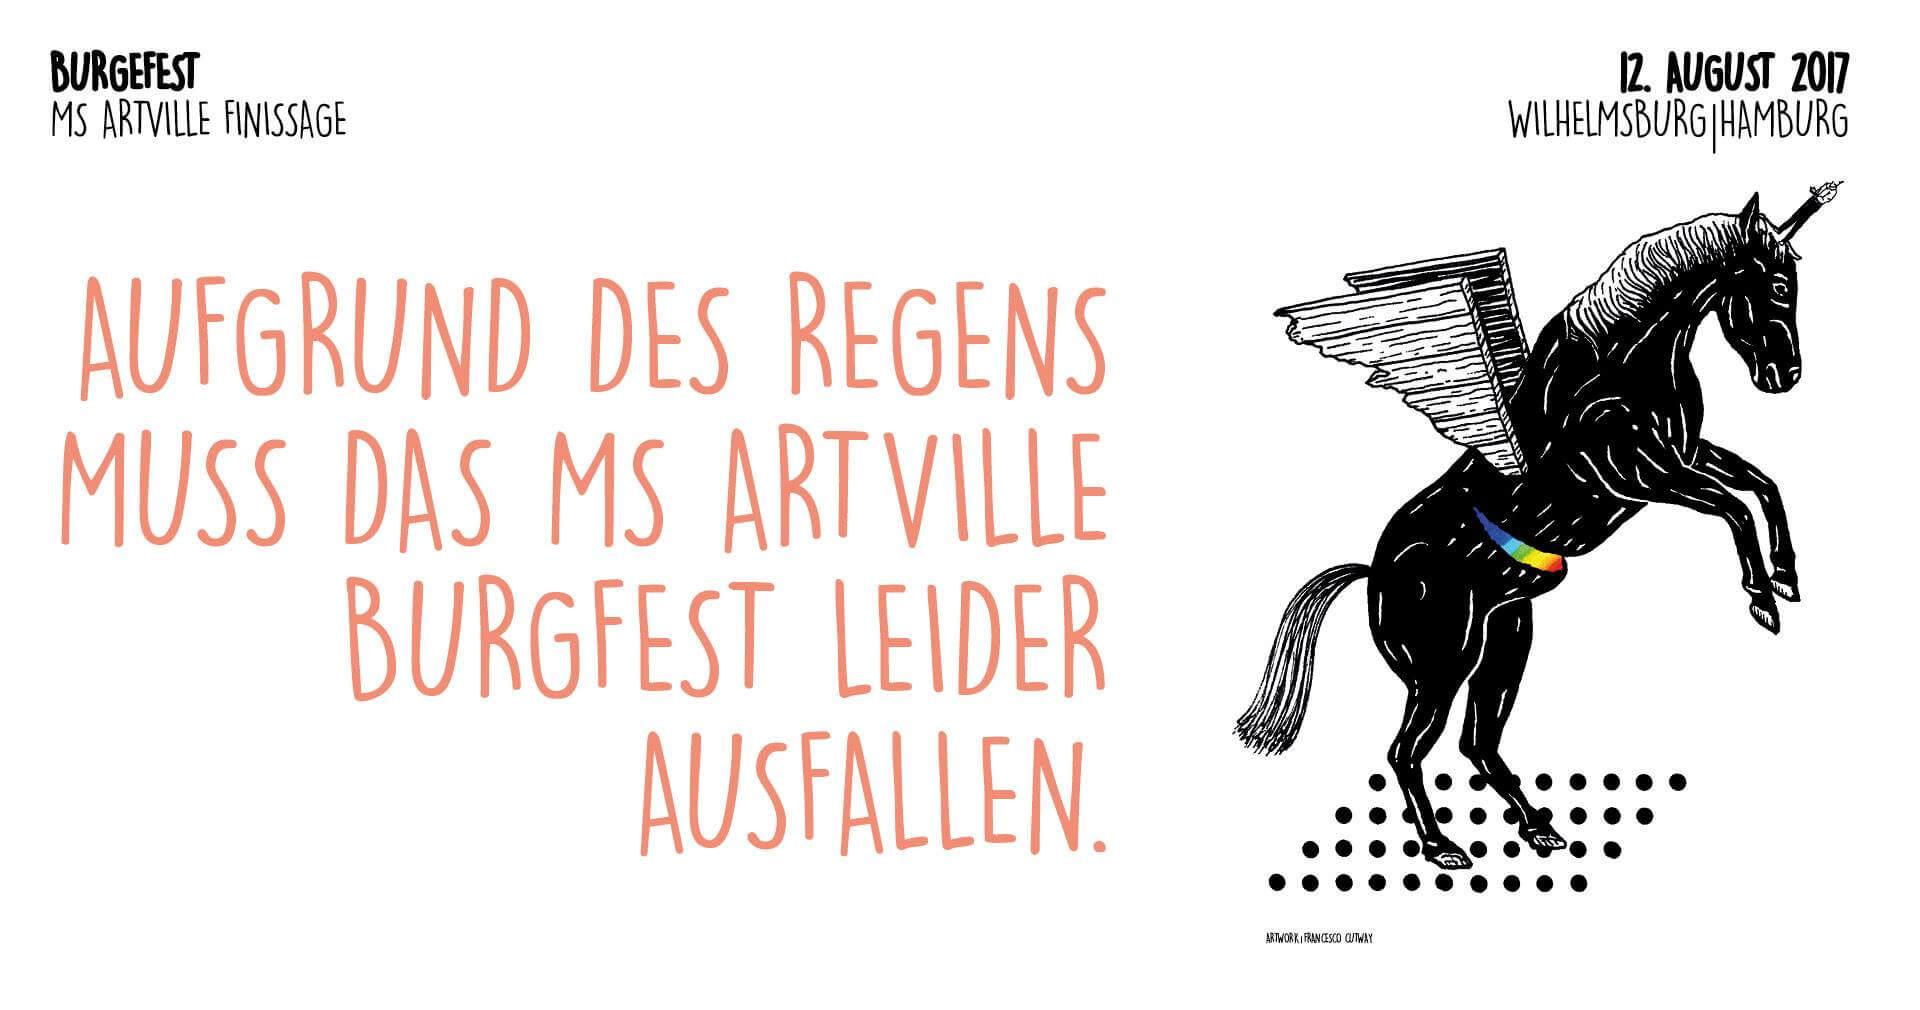 ABGESAGT: Das MS Artville Burgfest hat ein spannendes Programm am Start!